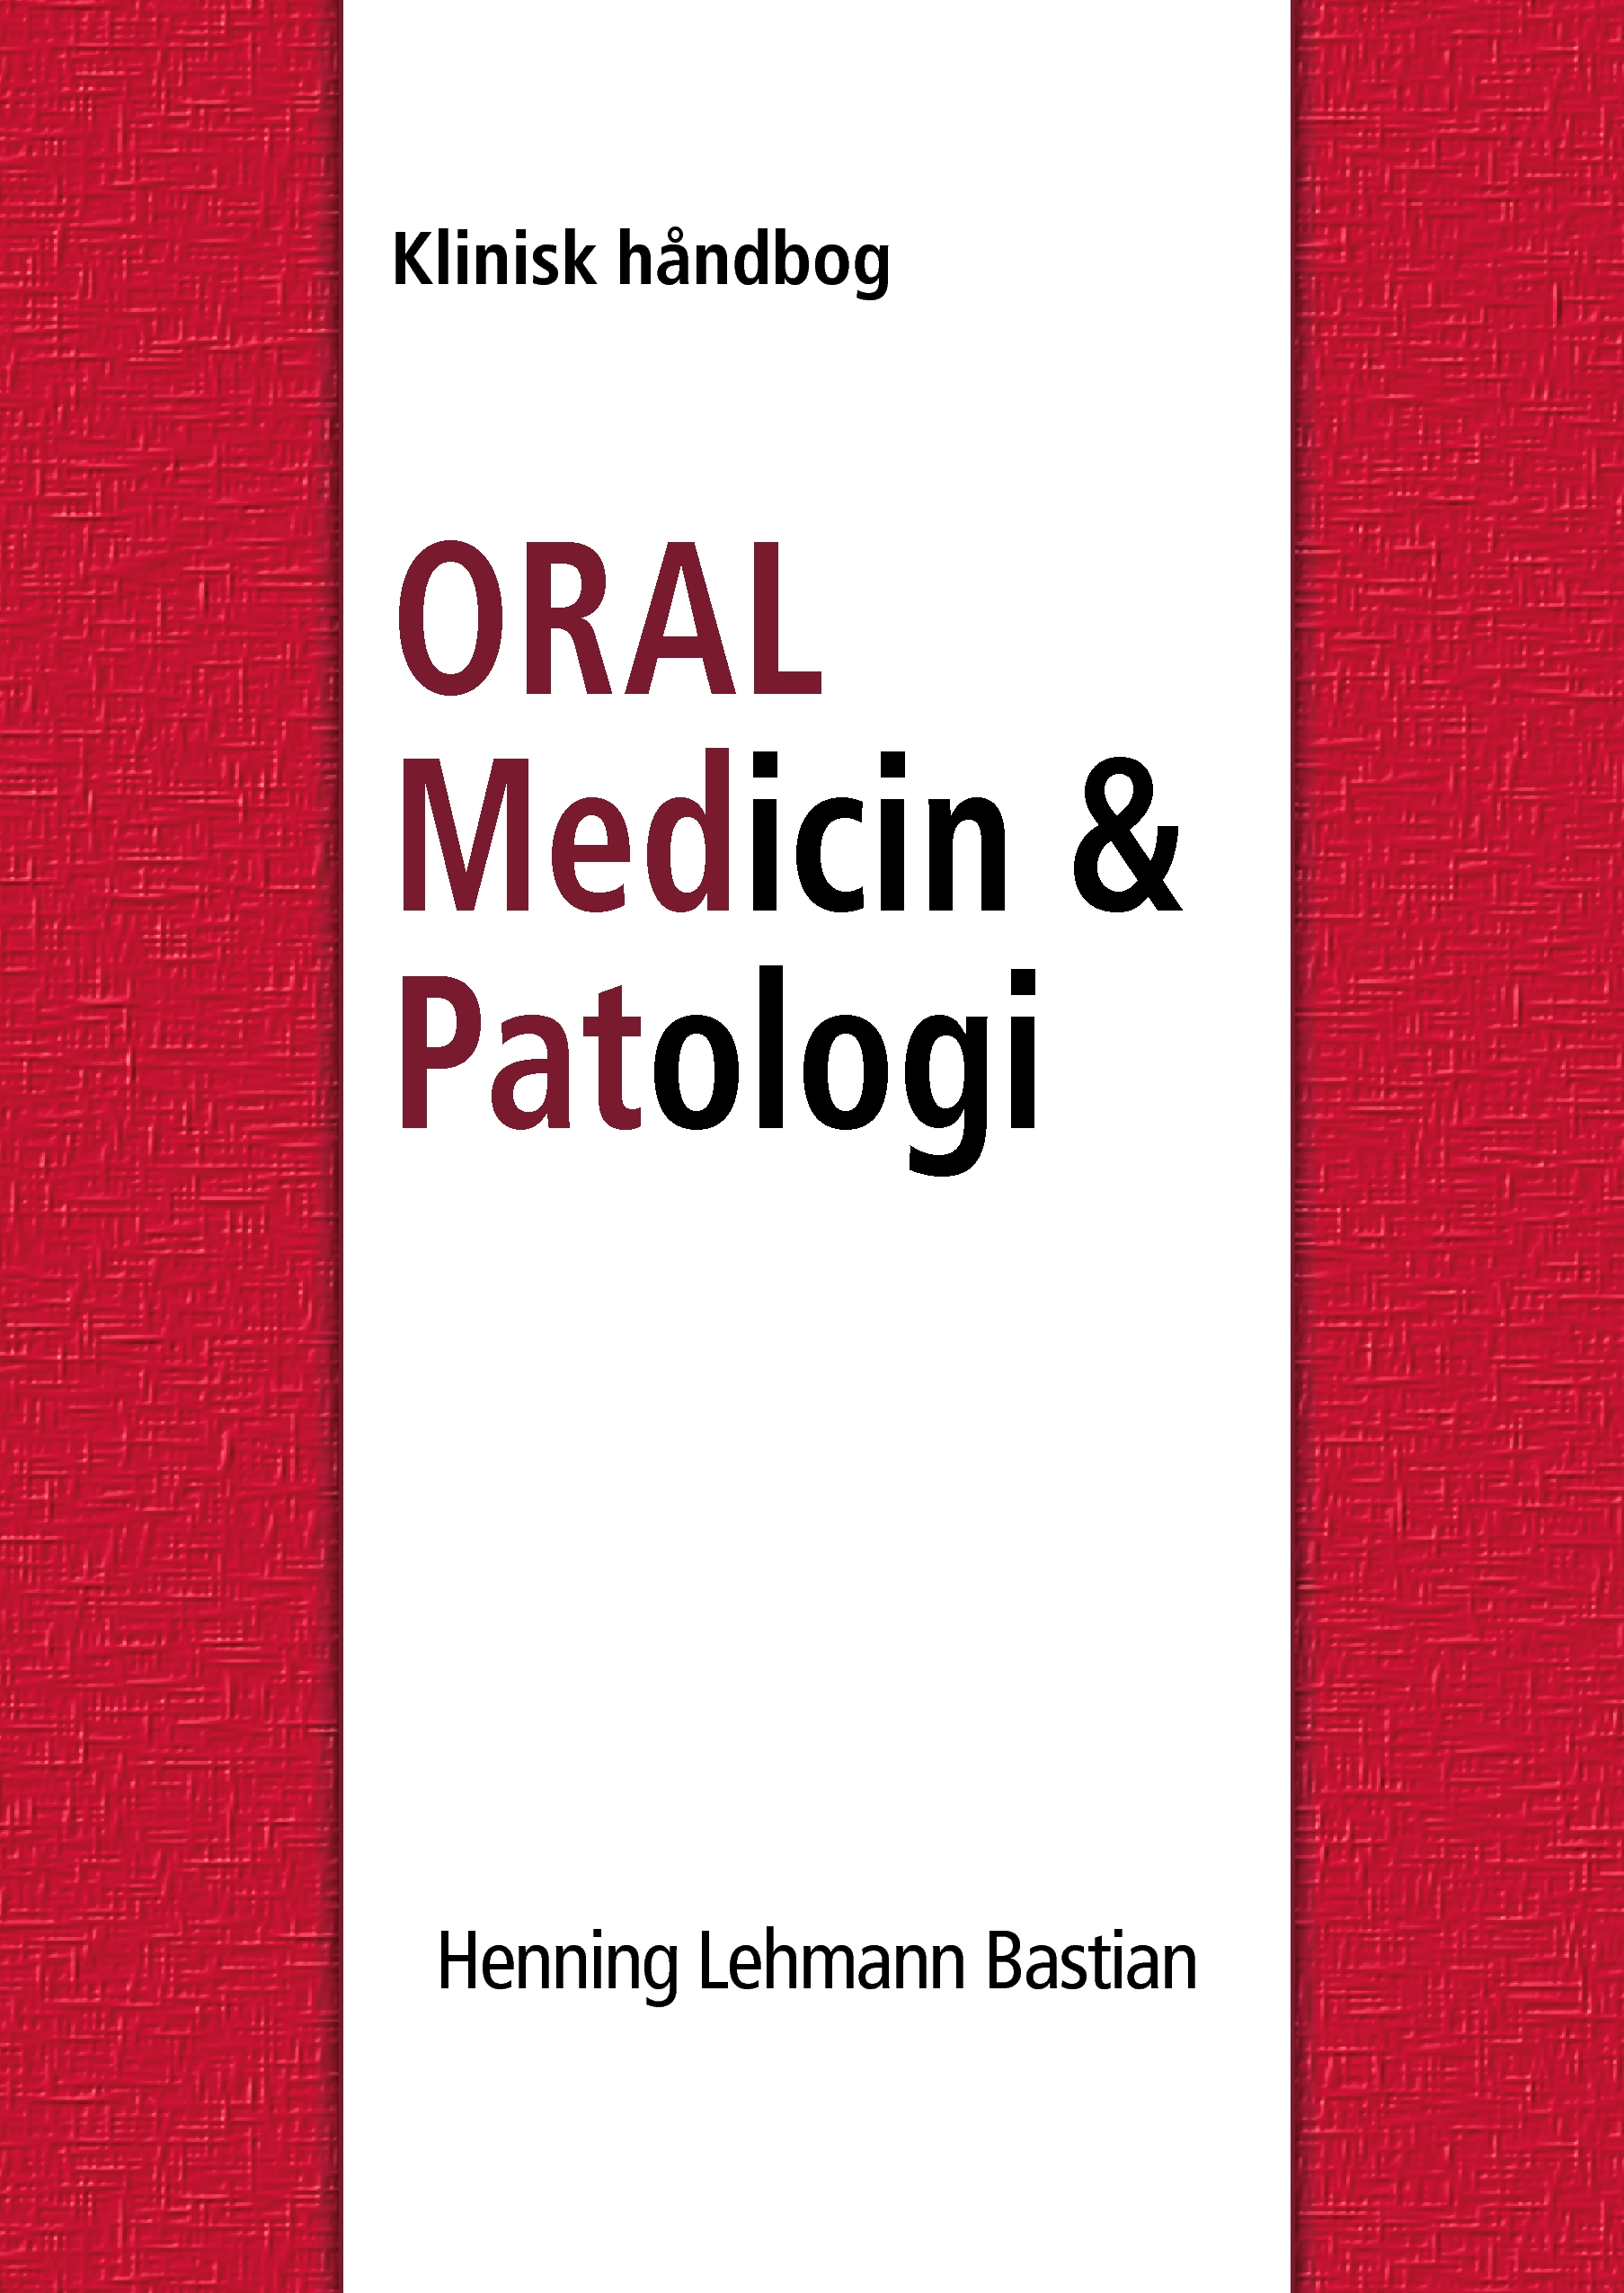 Oral Medicin og Patologi fra A-Z - E-bog